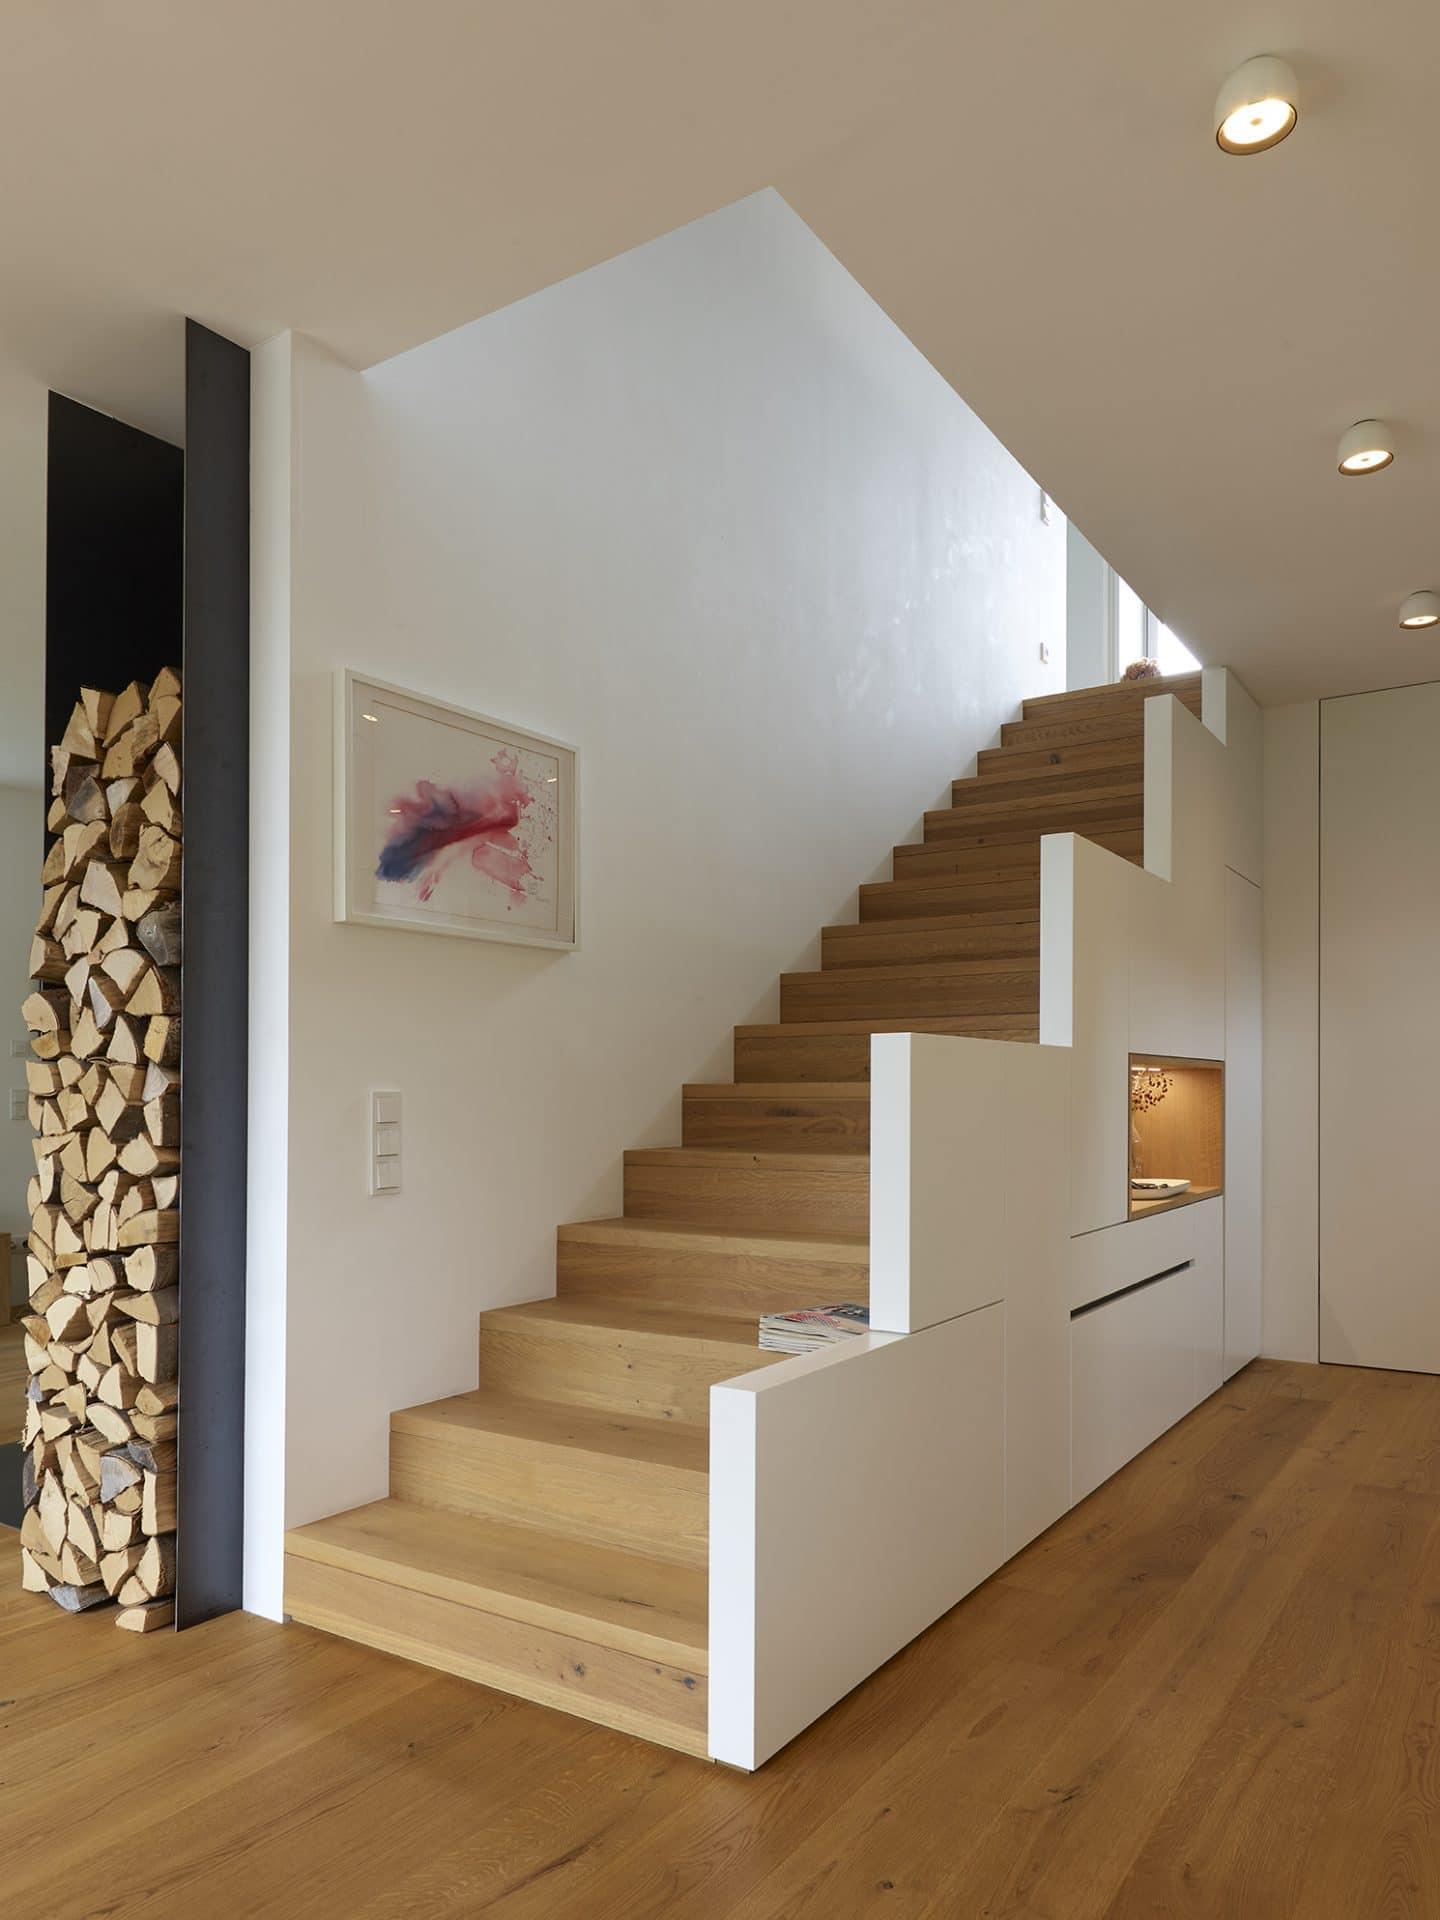 Küchendesign von VOIT in Eiche Natur mit BetonART und Edelstahl - Holztreppe aus Eiche, links daneben Brennholzhalter aus Metal